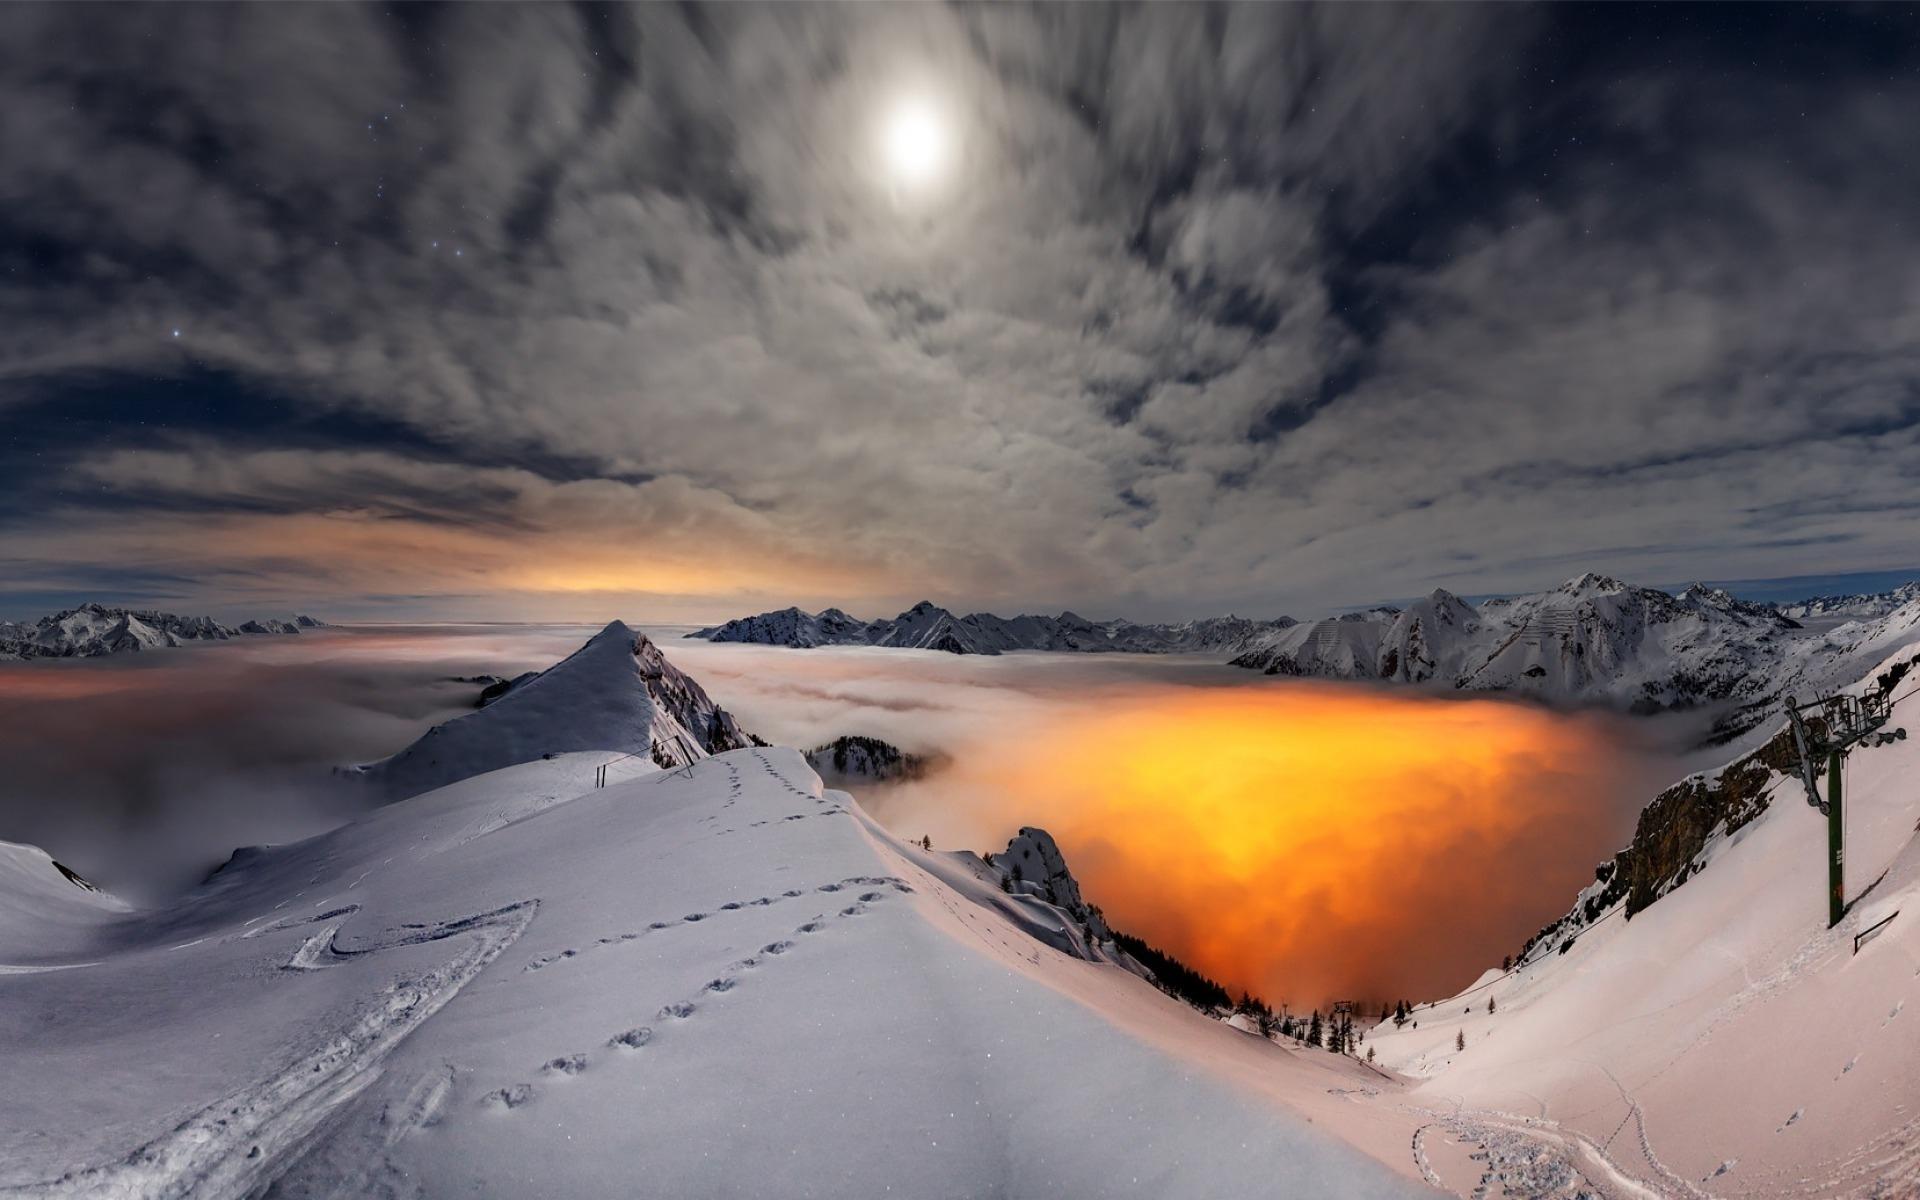 природа солнце горы скалы снег вечер бесплатно